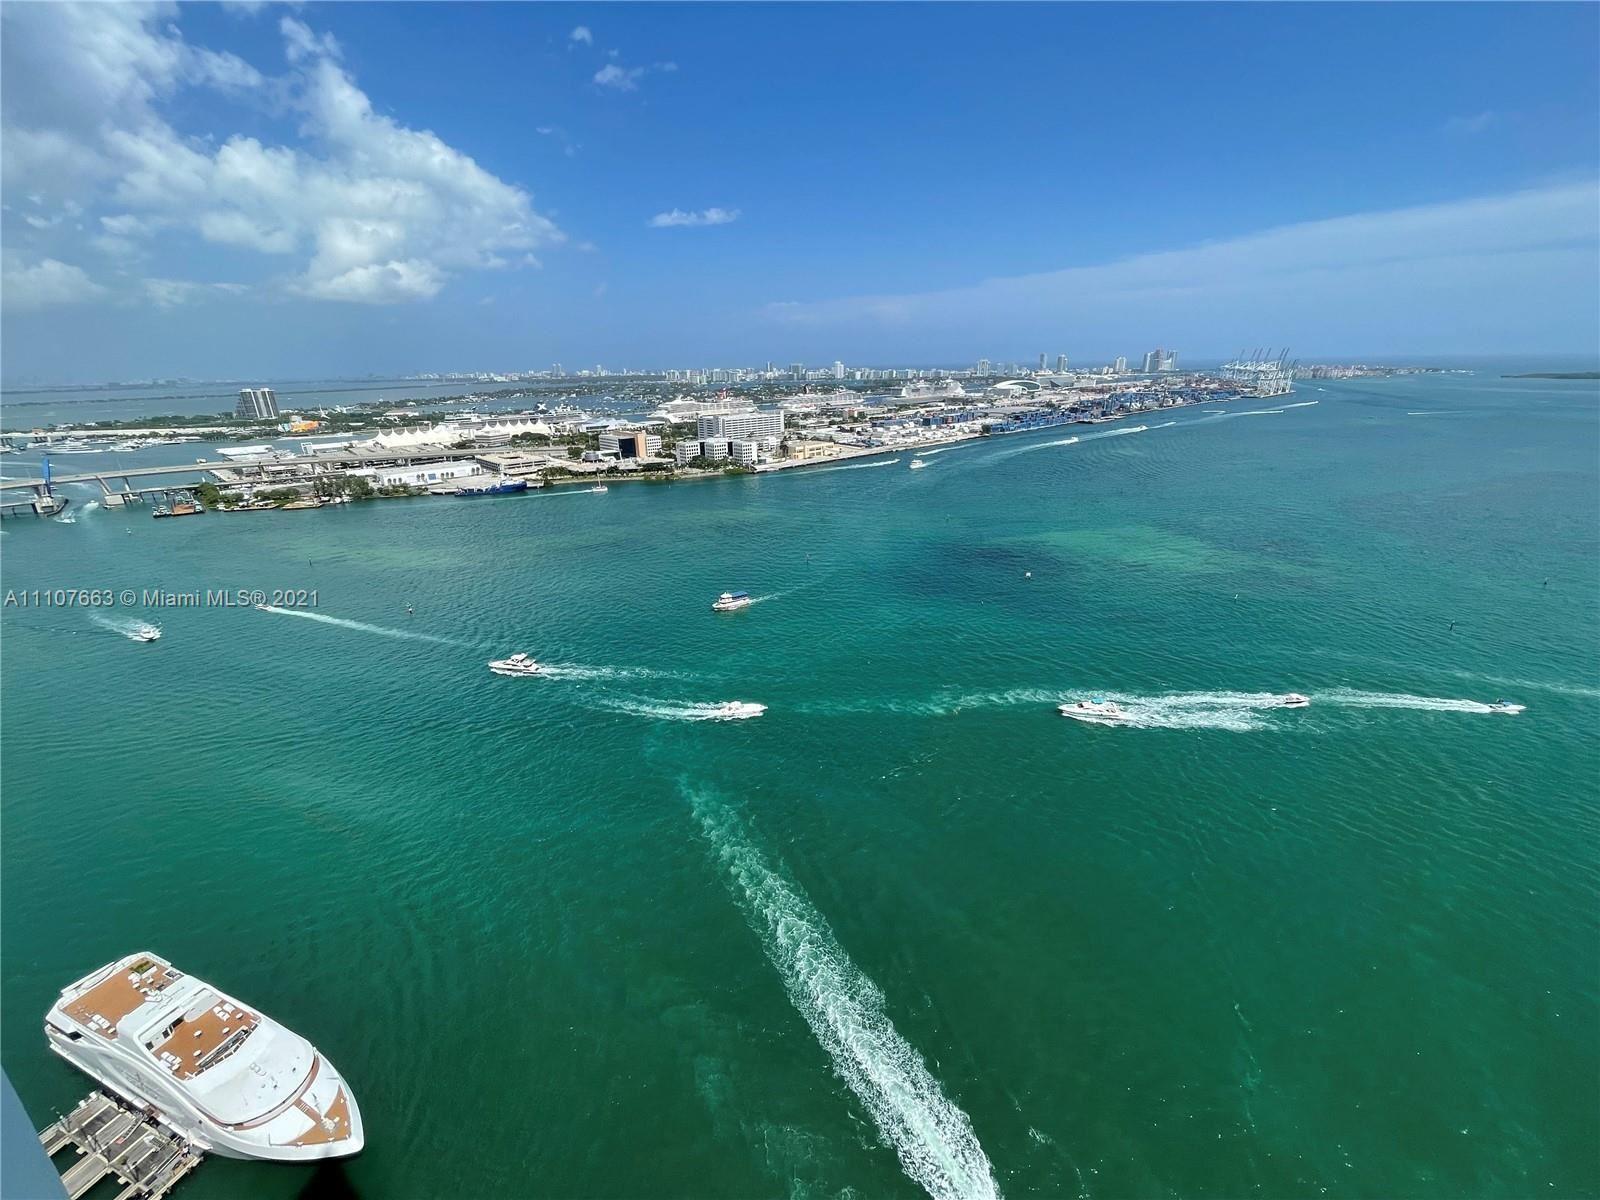 335 S Biscayne Blvd #3912, Miami, FL 33131 - #: A11107663